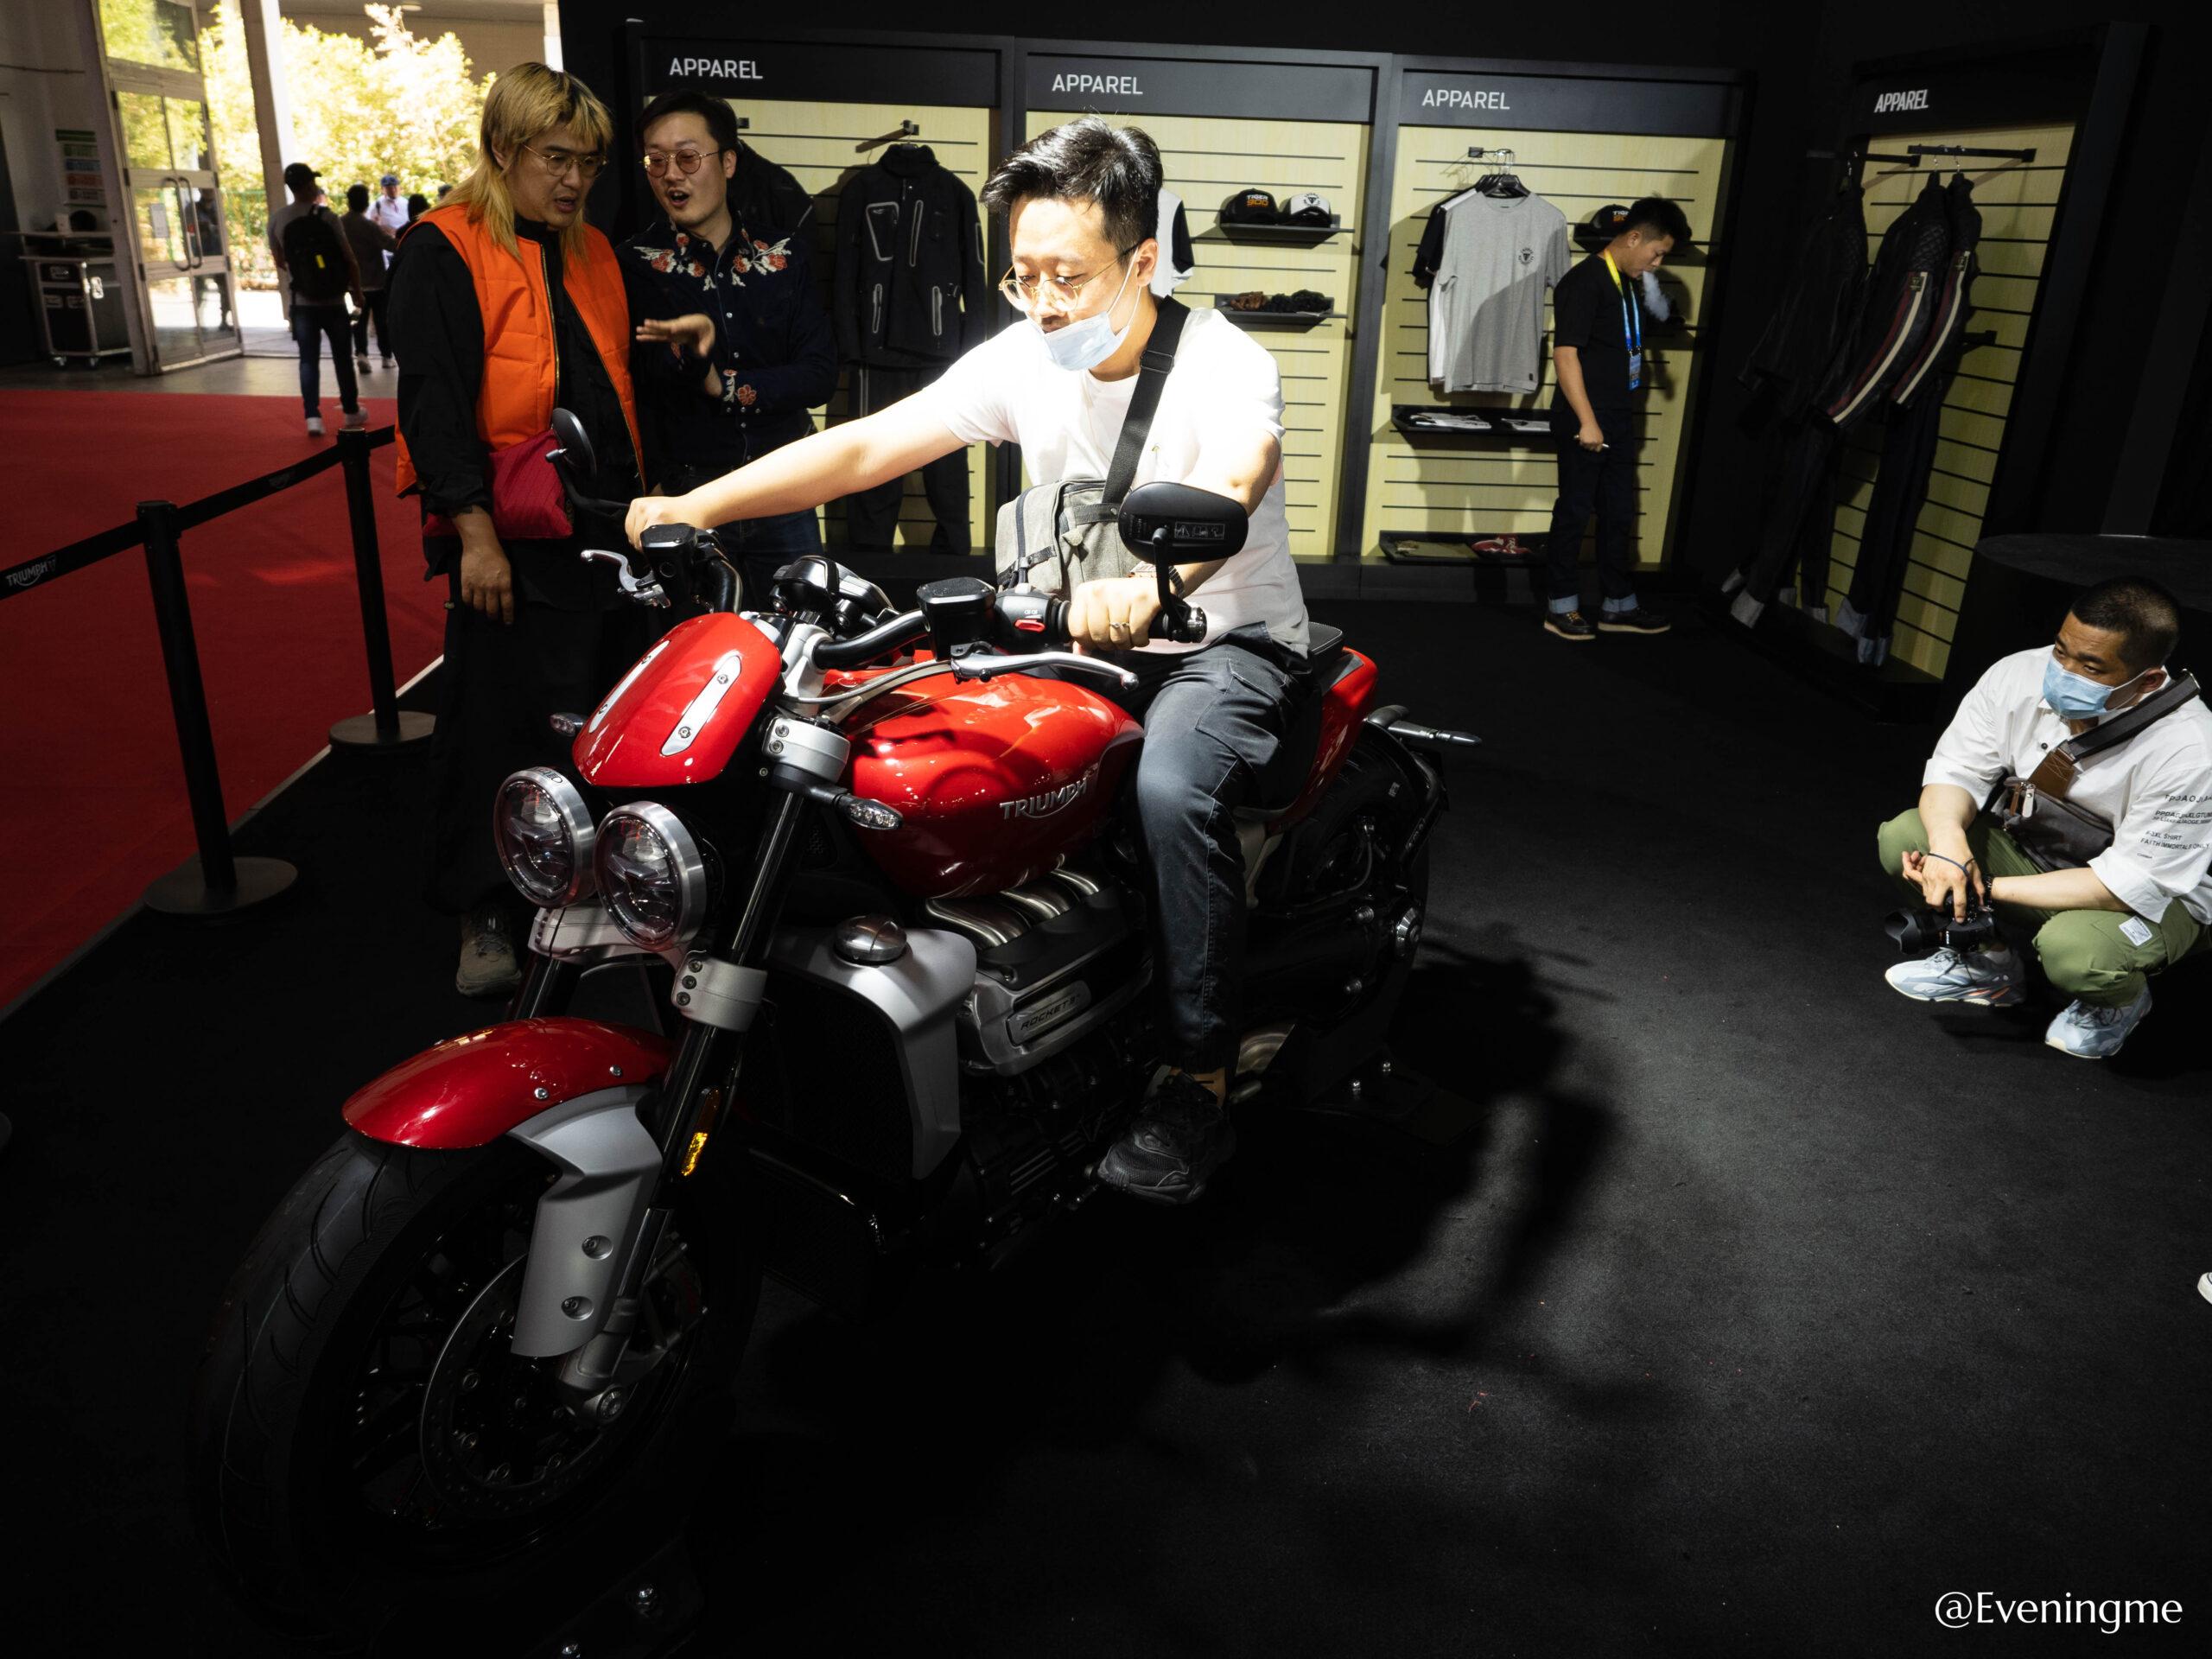 聊聊2021北京摩托车展的体会插图16